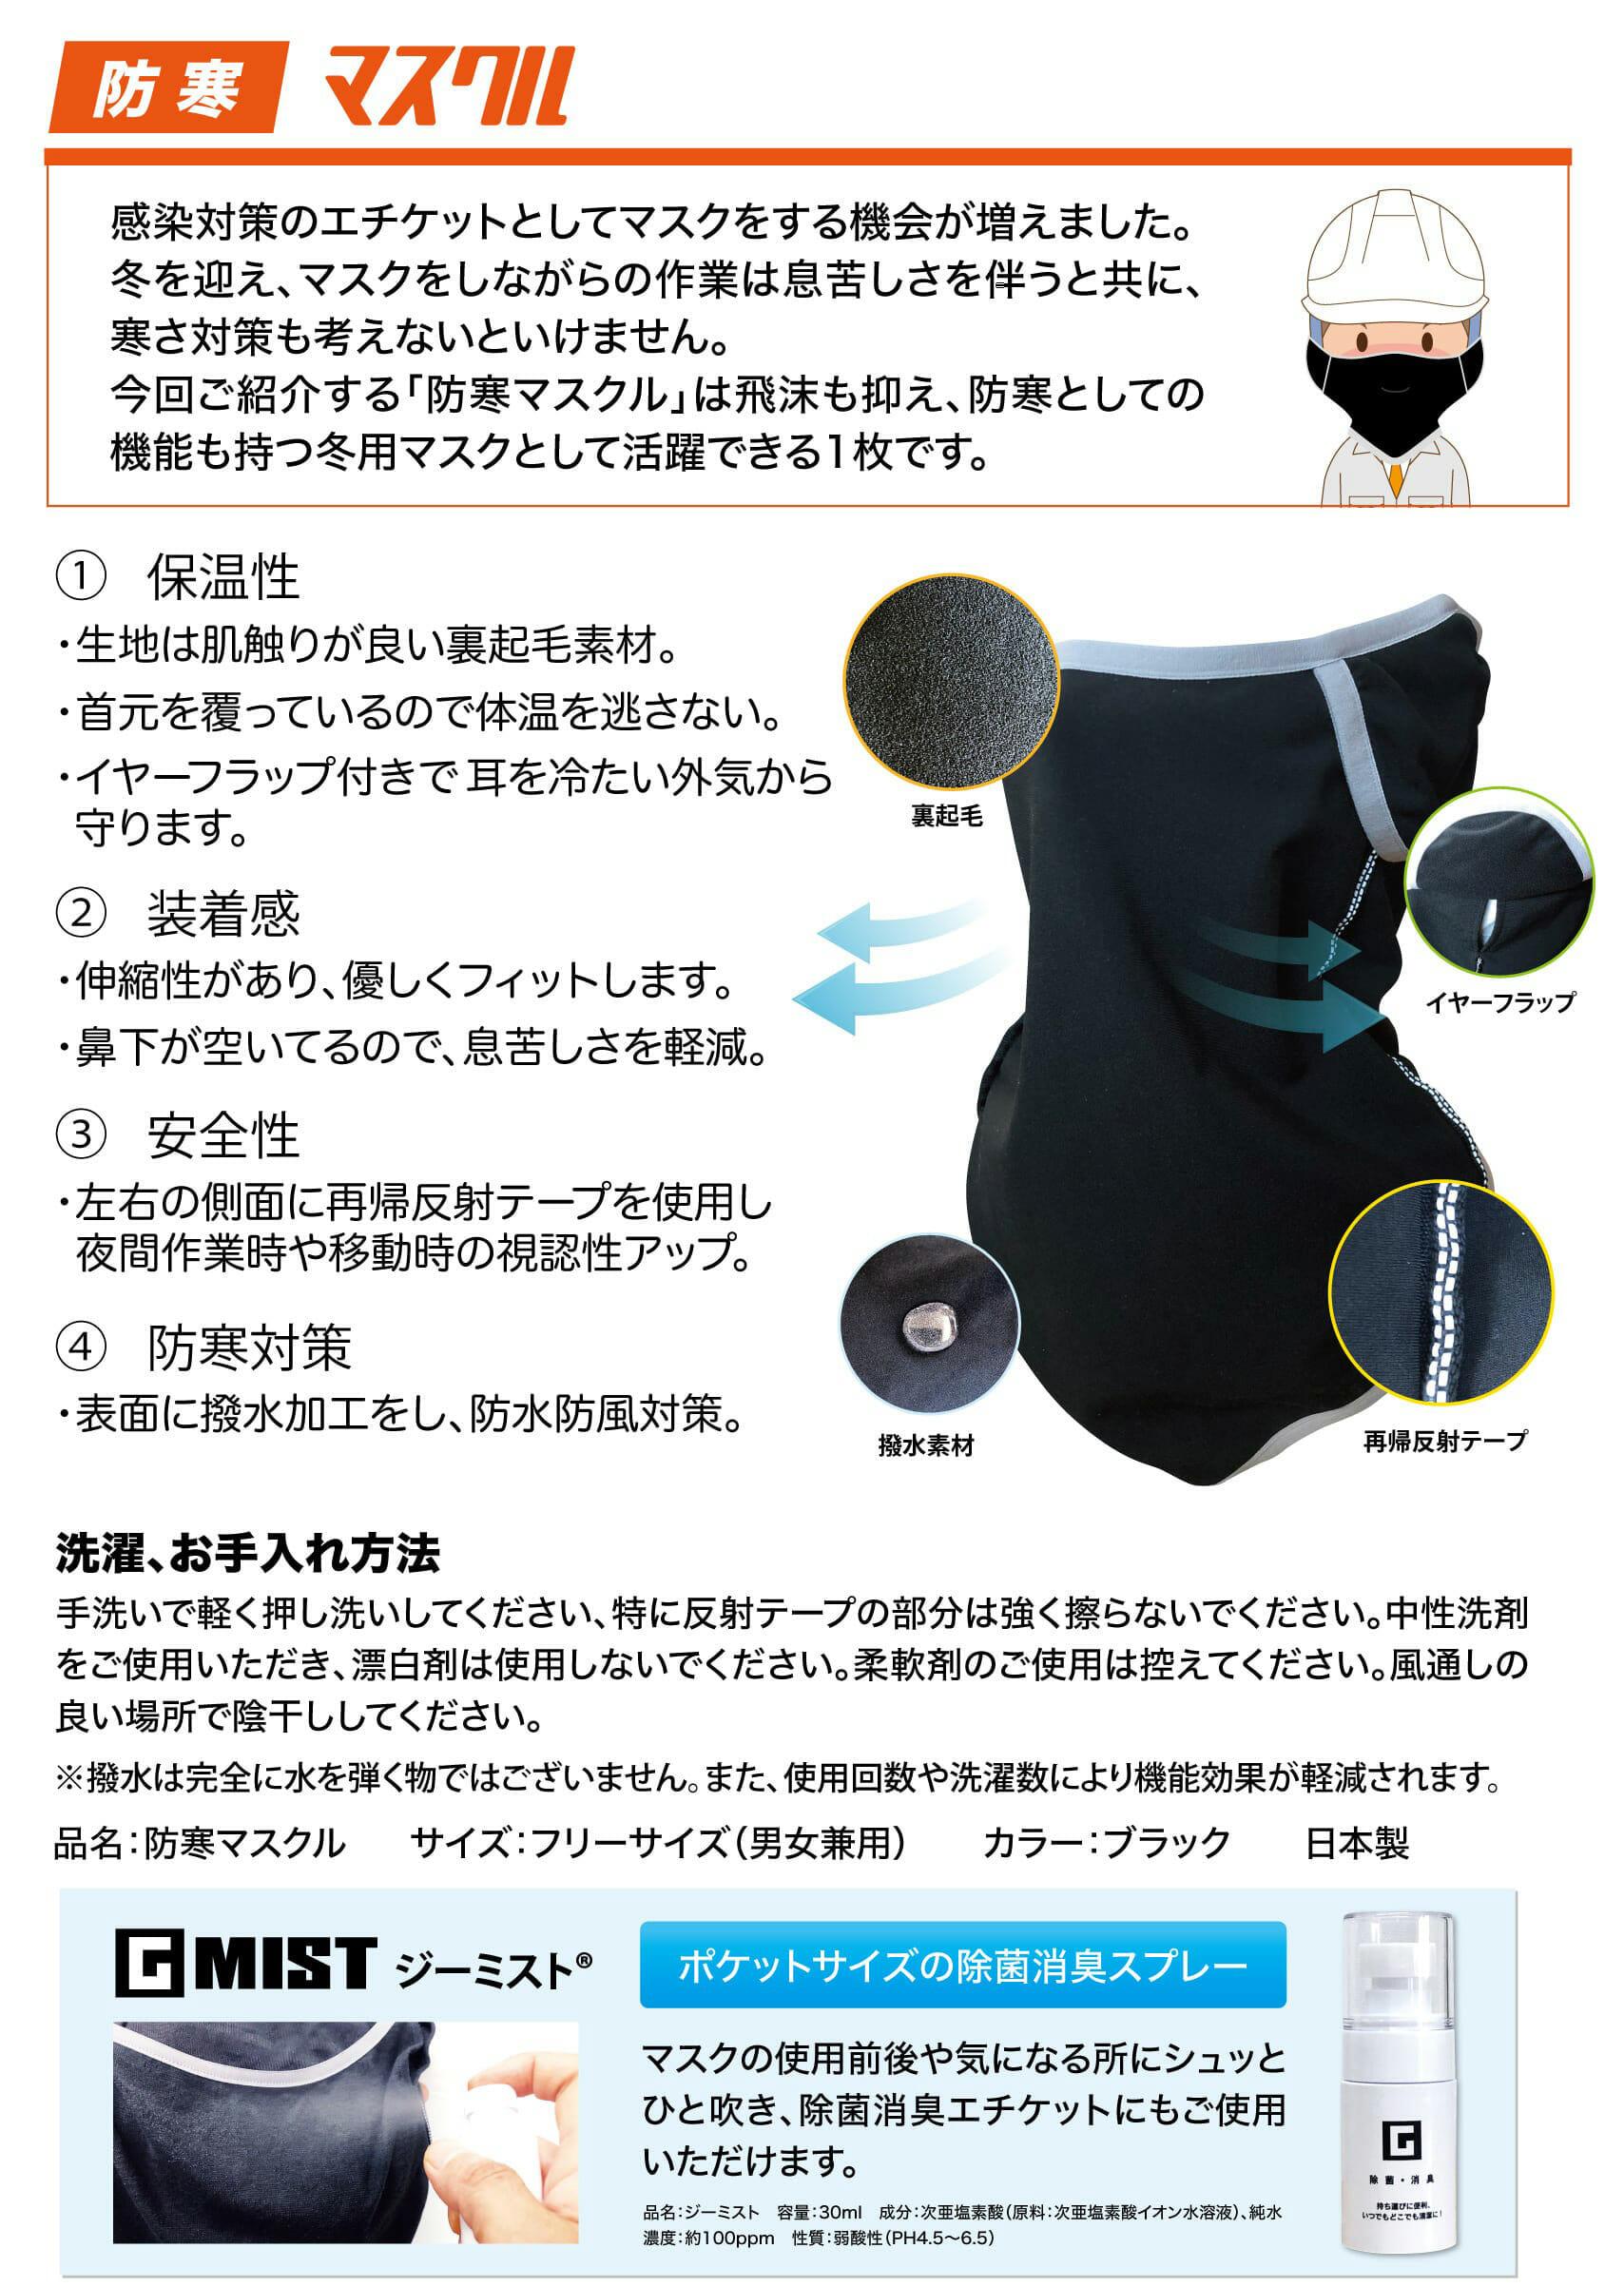 感染対策のエチケットとしてマスクをする機会が増えました。 冬を迎え、マスクをしながらの作業は息苦しさを伴うと共に、寒さ対策も考えないといけません。 今回ご紹介する「防寒マスクル」は飛沫も抑え、防寒としての機能も持つ冬用マスクとして活躍できる1枚です。